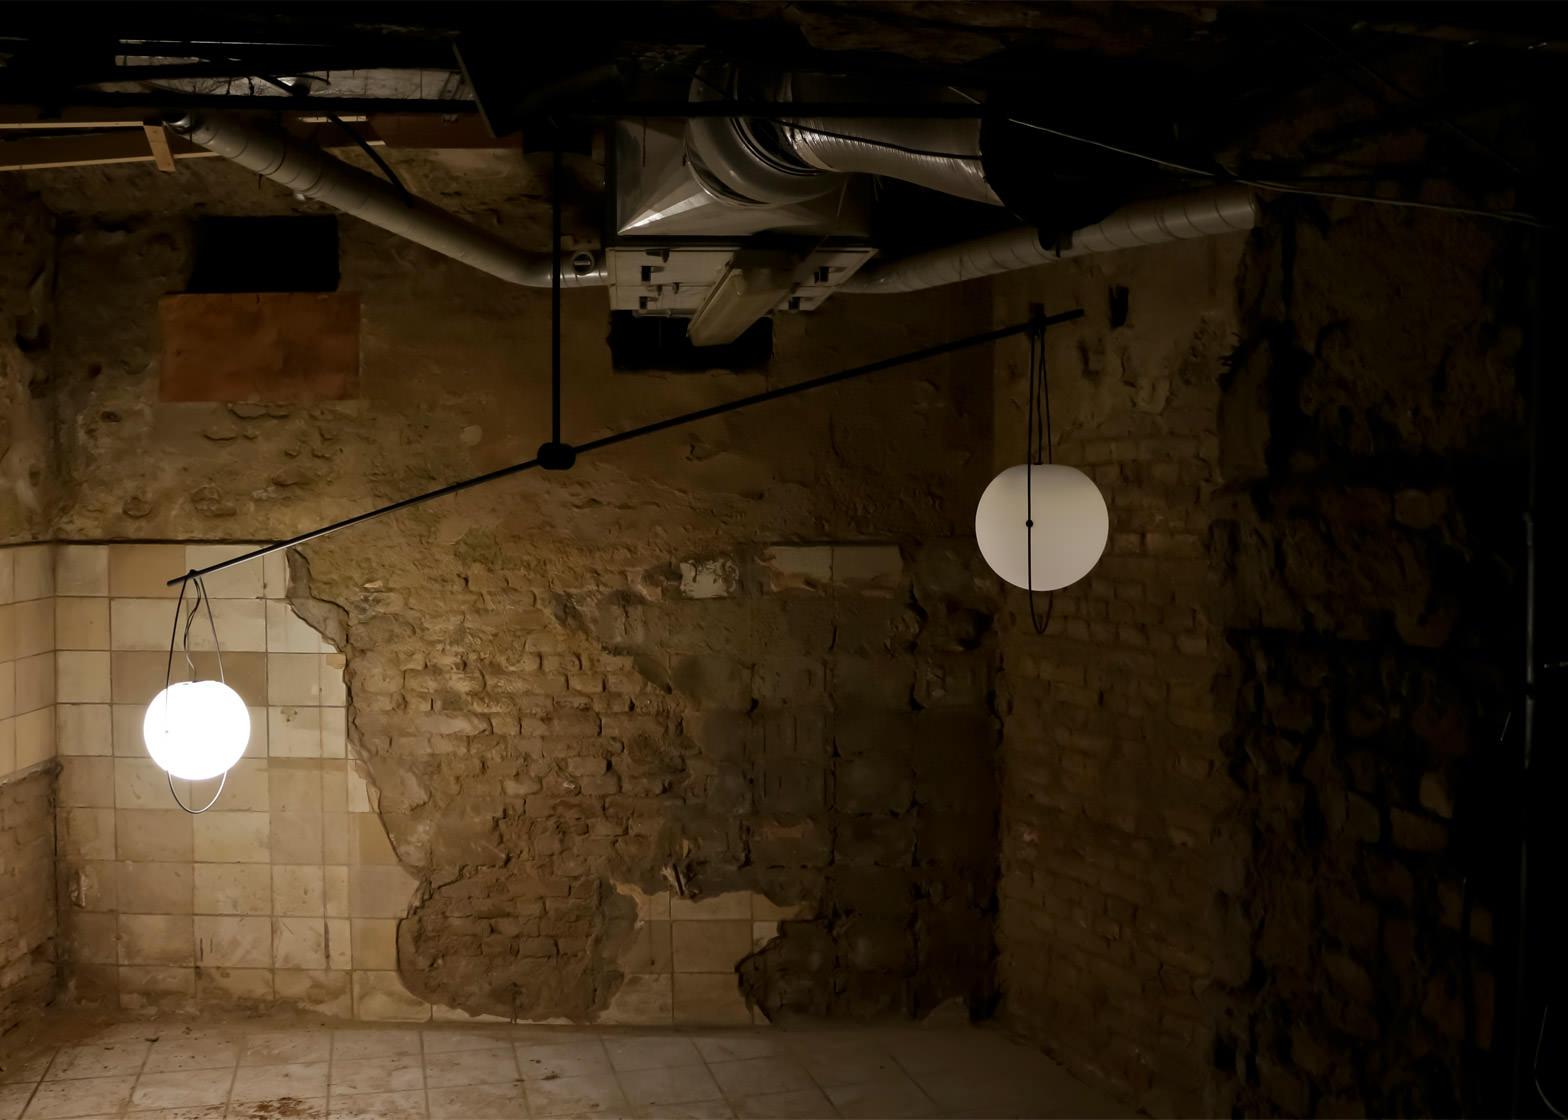 equilumen-mischer-traxler-light-distribution-glas-sphere-design-lighting-motion_dezeen_1568_4